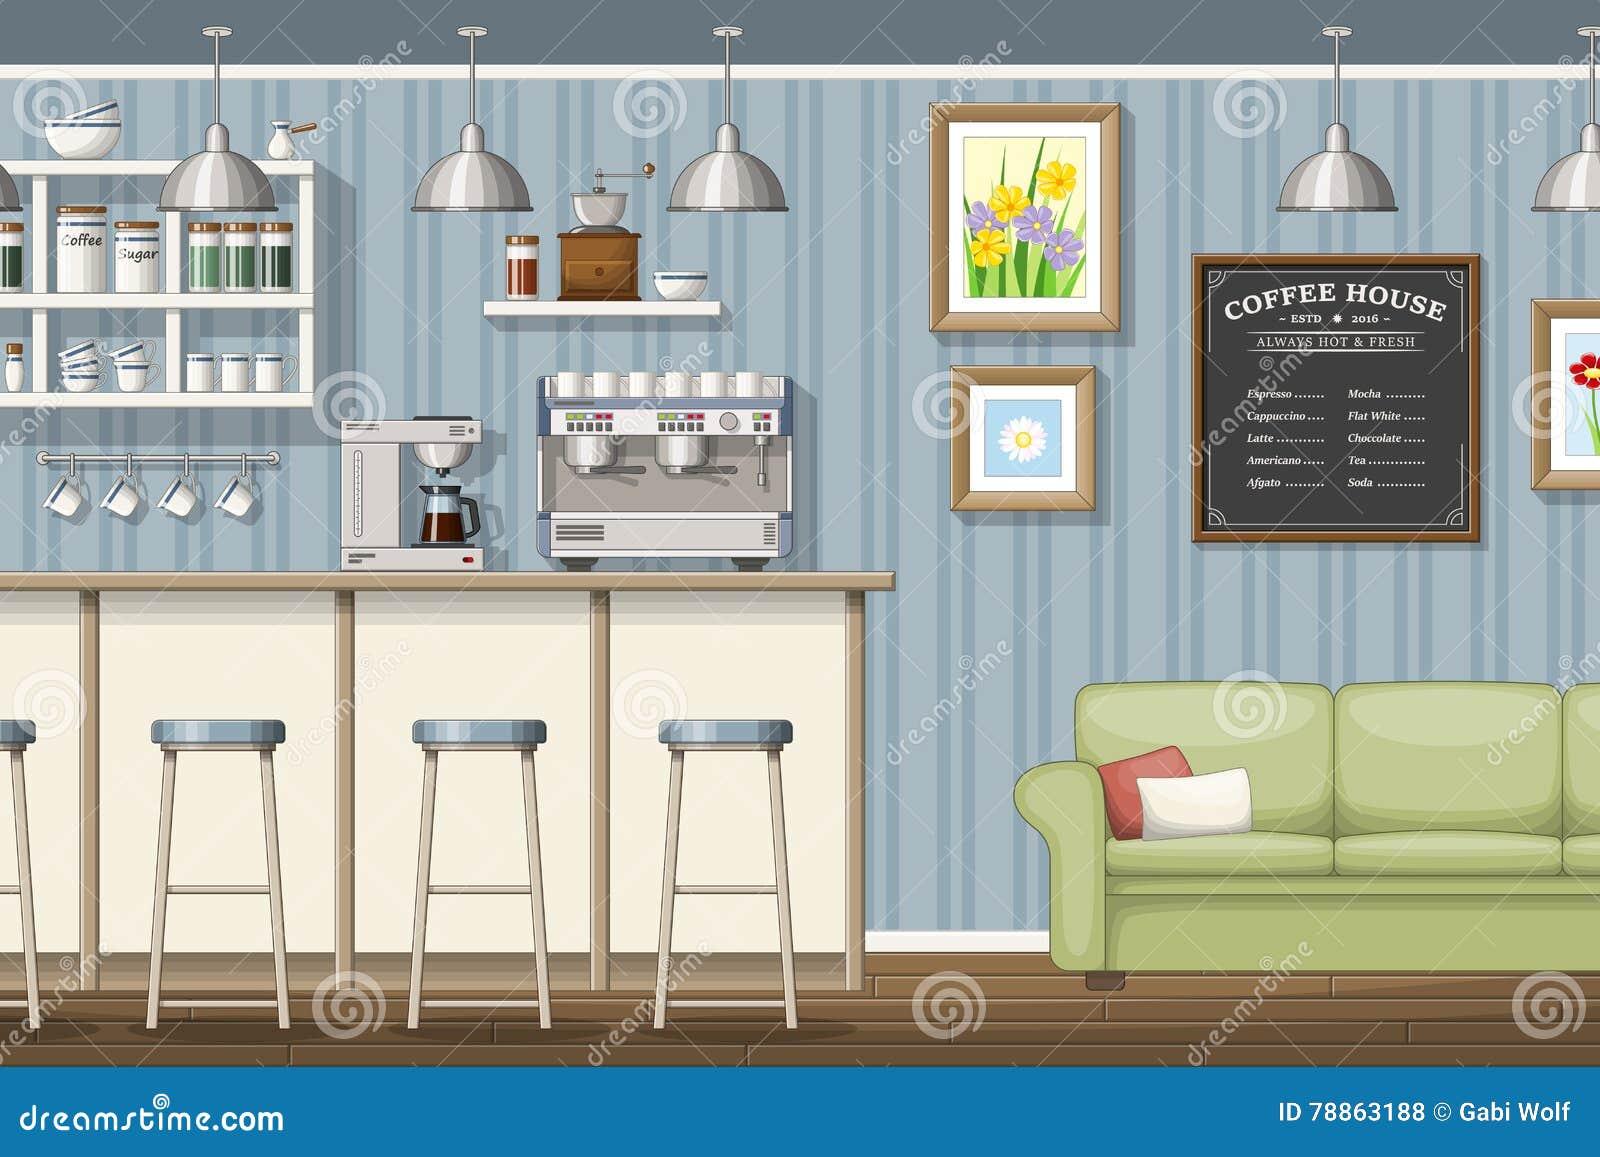 Illustrazione Di Un Coffeeshop Classico Illustrazione